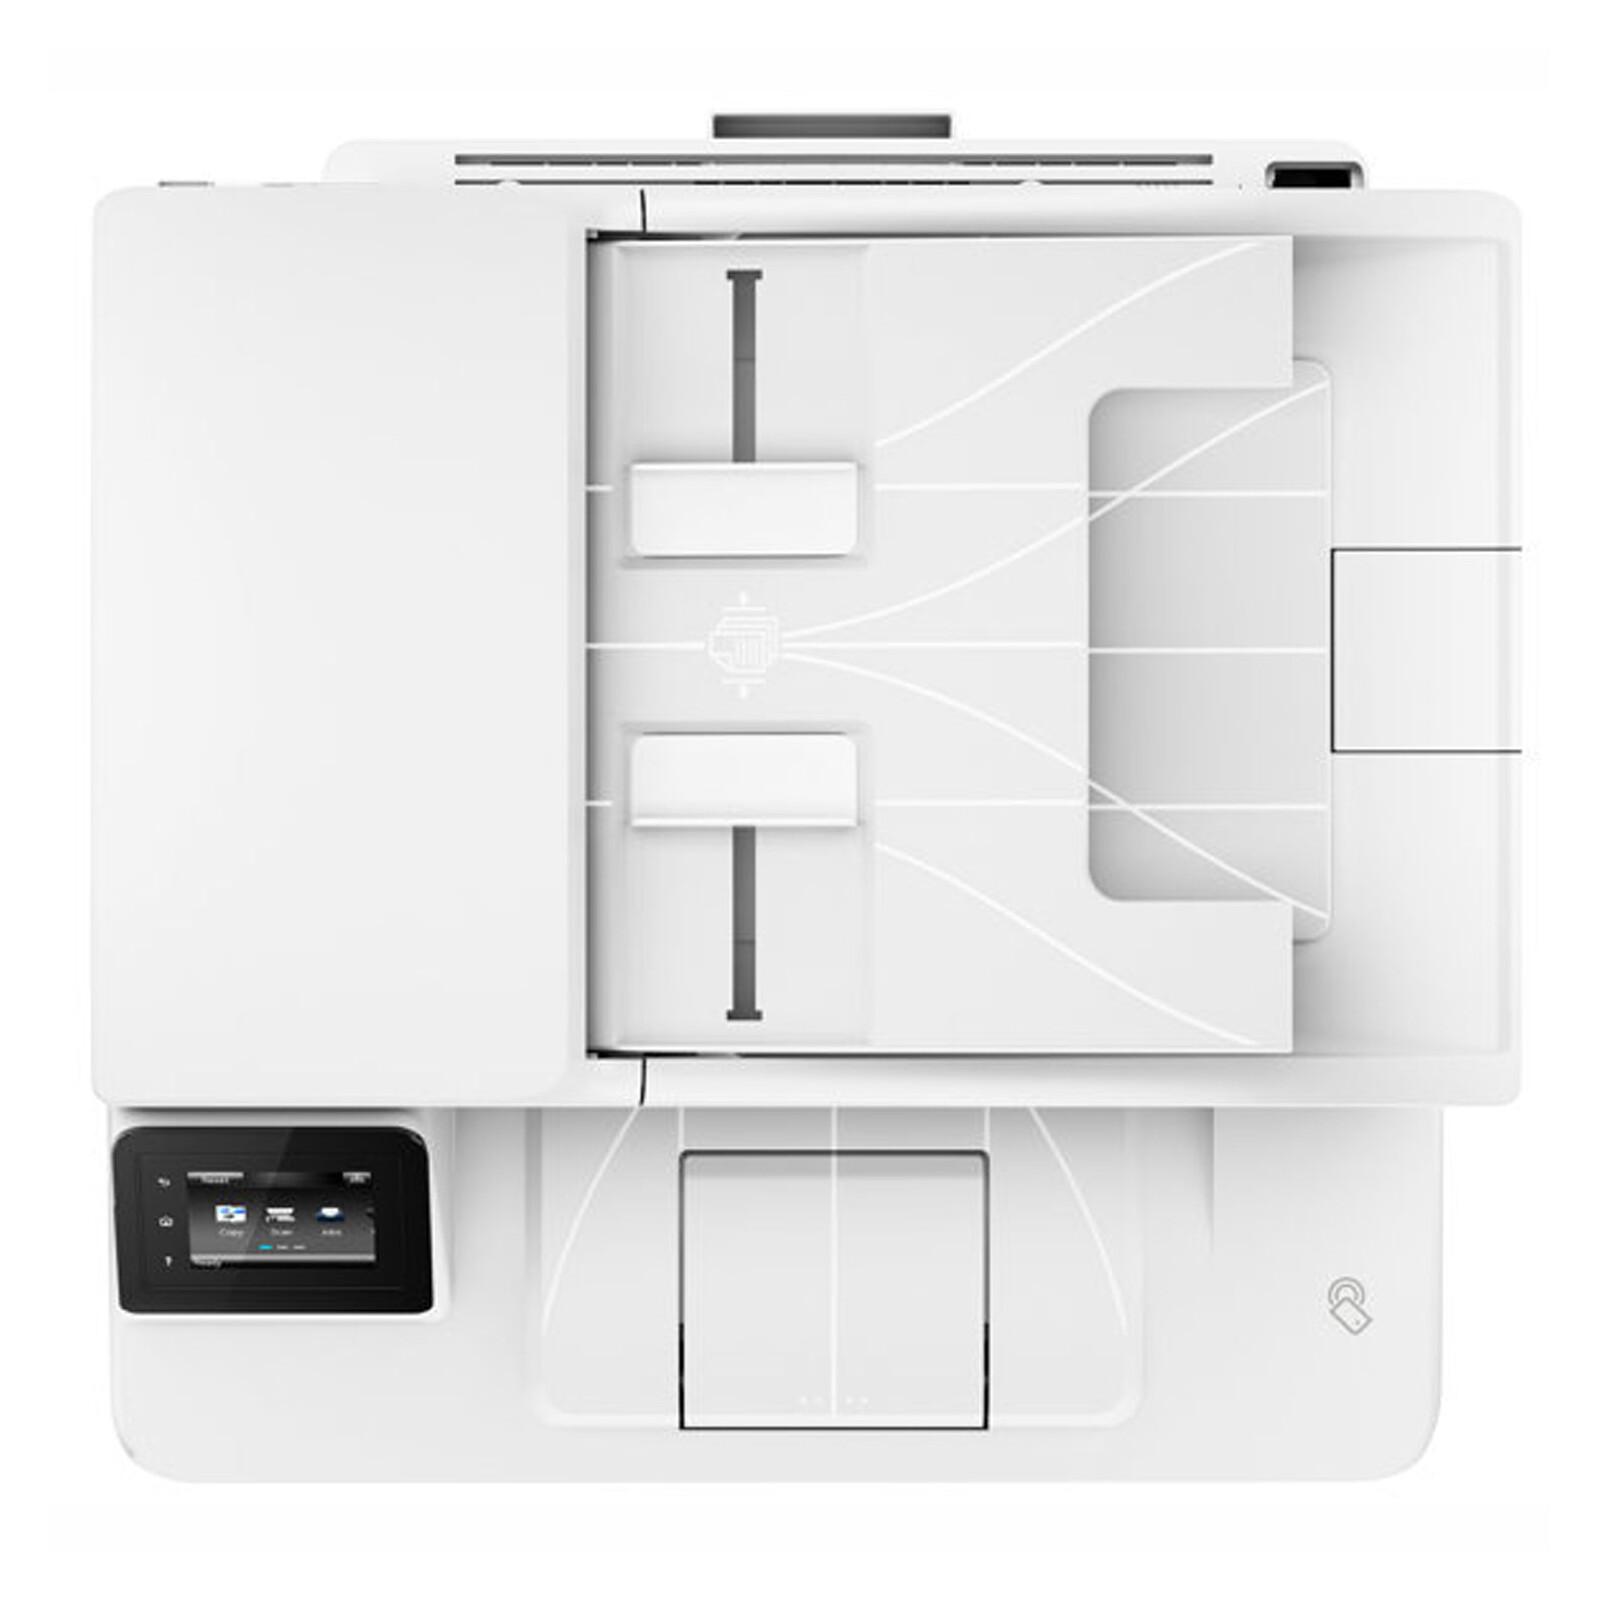 HP Laserjet Pro MFP M227fdw